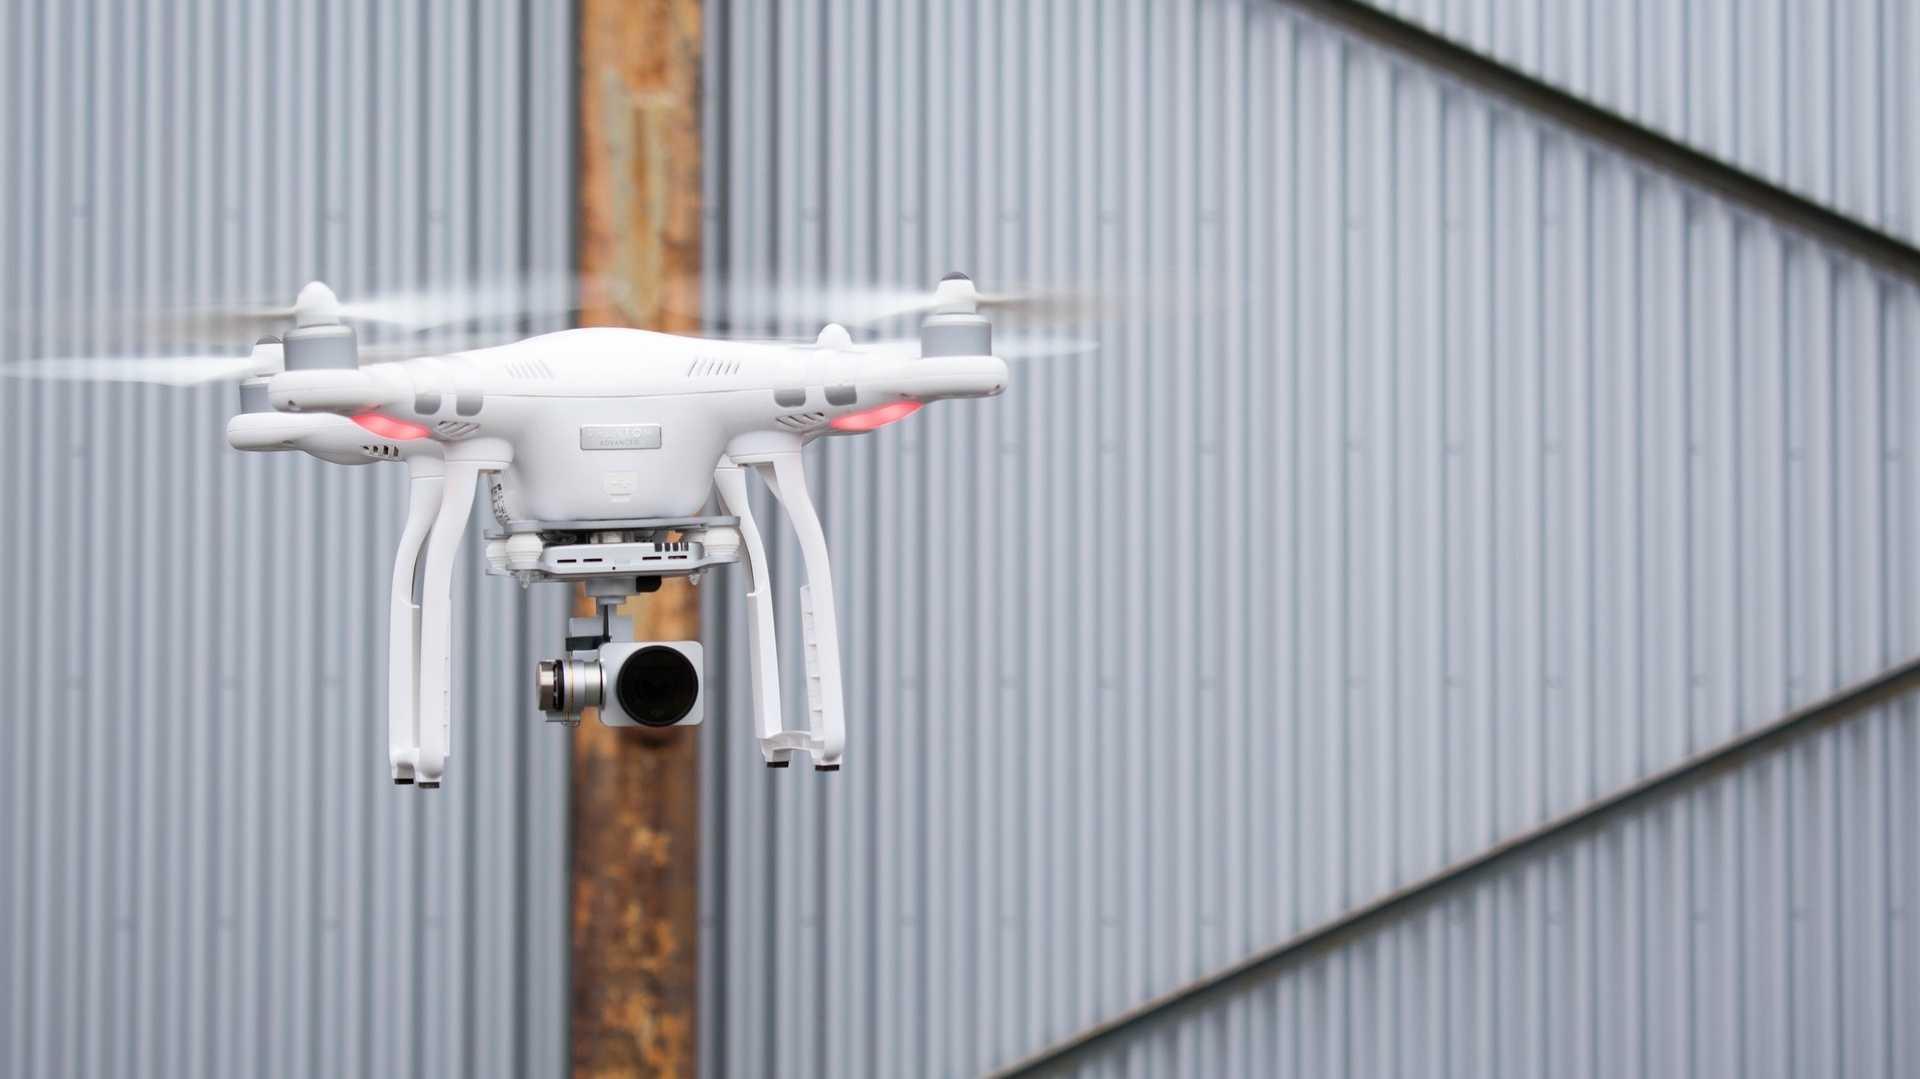 Festnahmen nach Drohnen-Alarm in Gatwick - Rückkehr zum Normalbetrieb